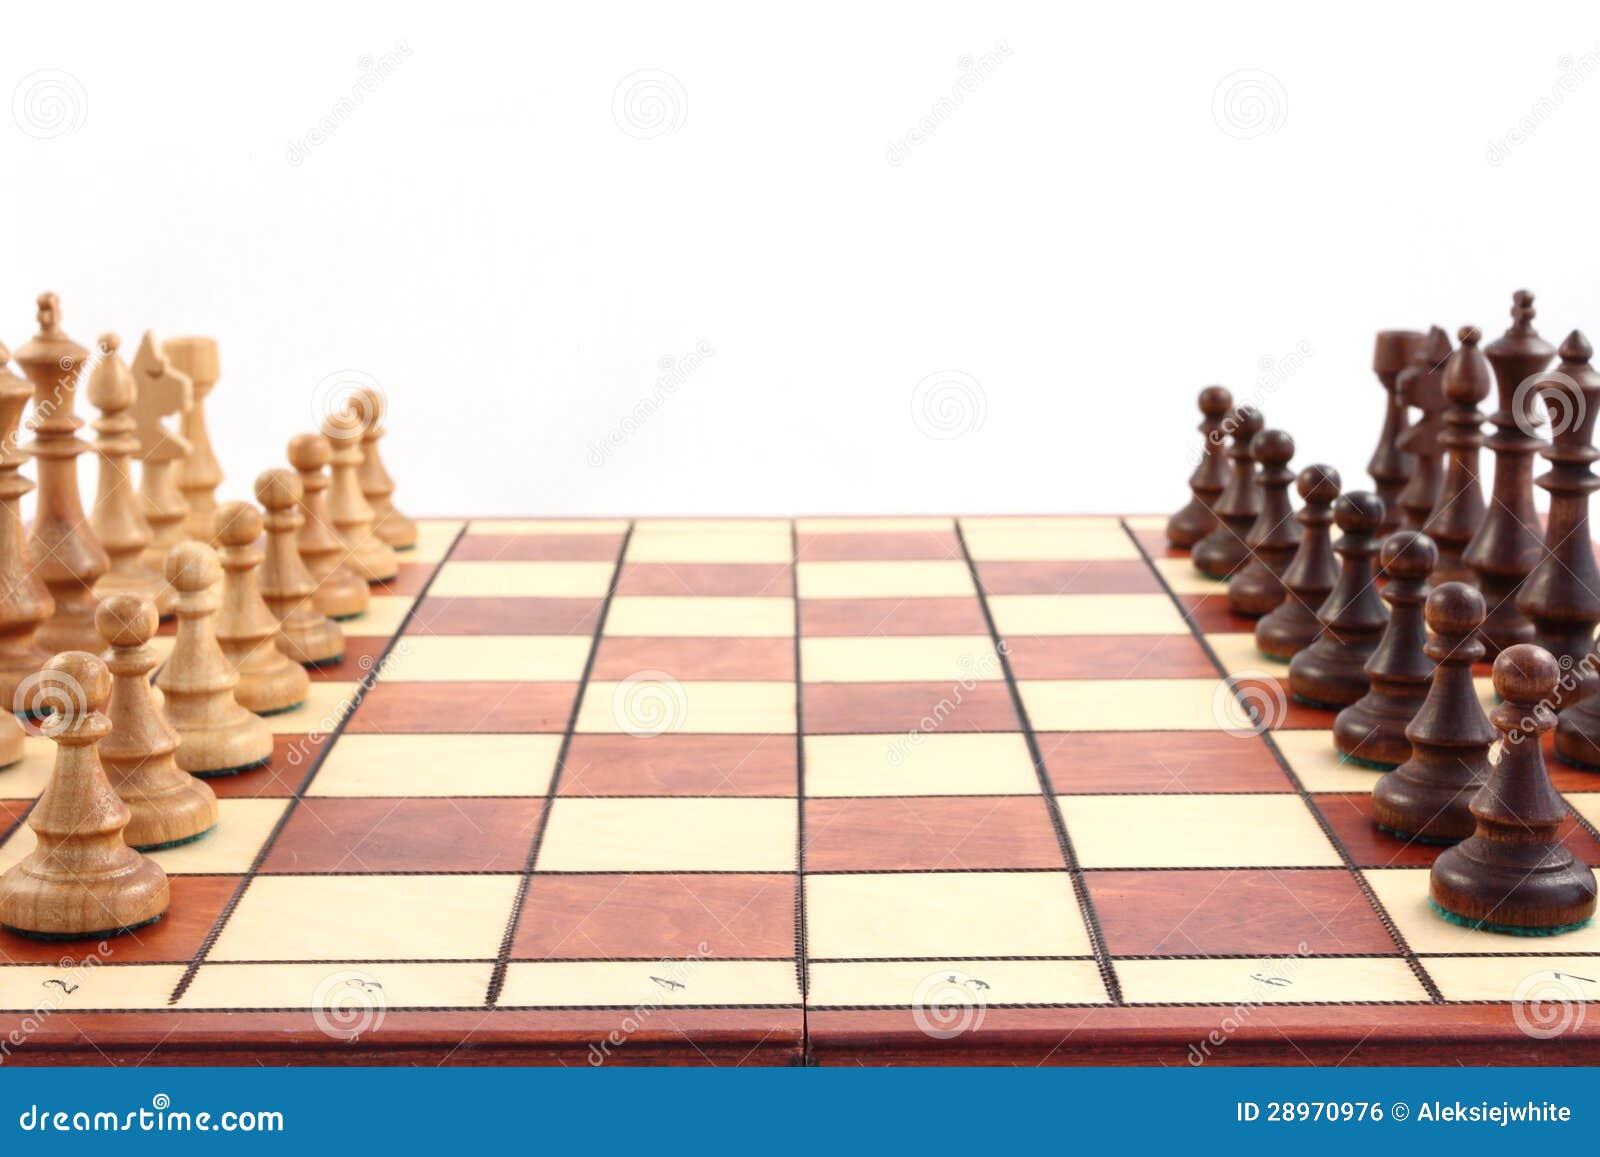 Schaak op schaakbord